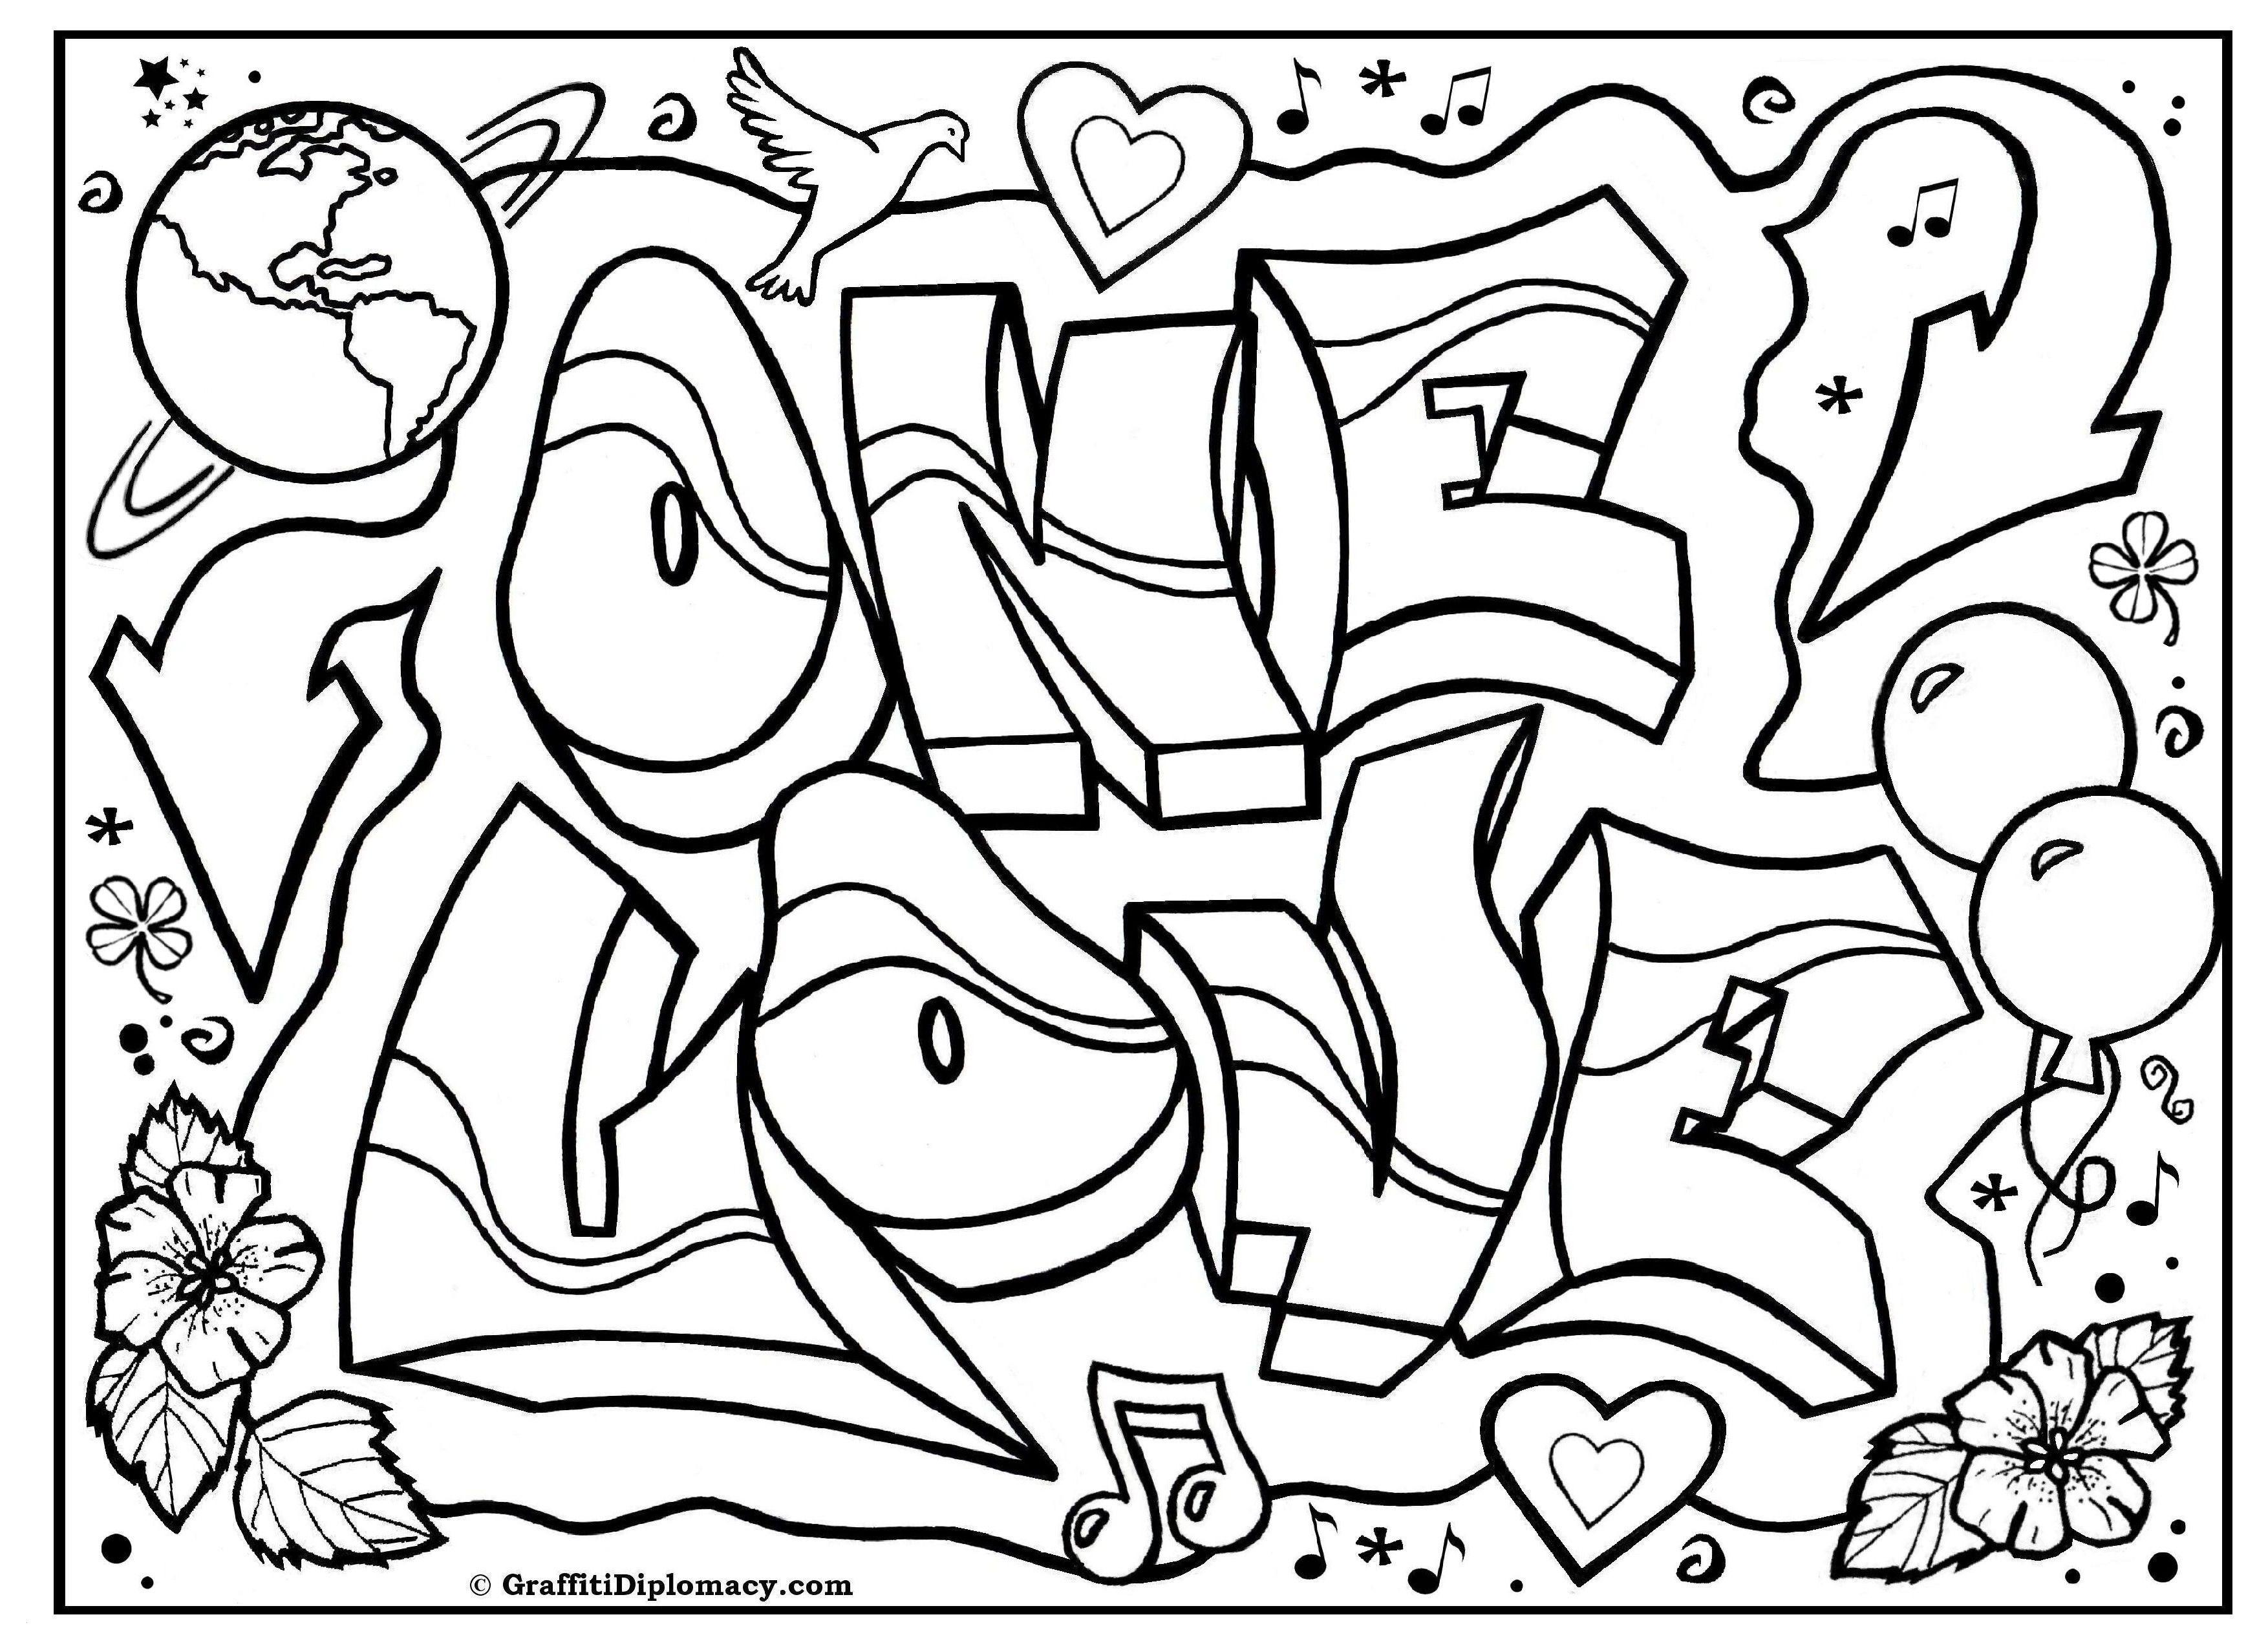 Graffiti Bilder Zum Ausmalen Einzigartig 45 Inspirierend Ausmalbilder Graffiti Love Mickeycarrollmunchkin Das Bild